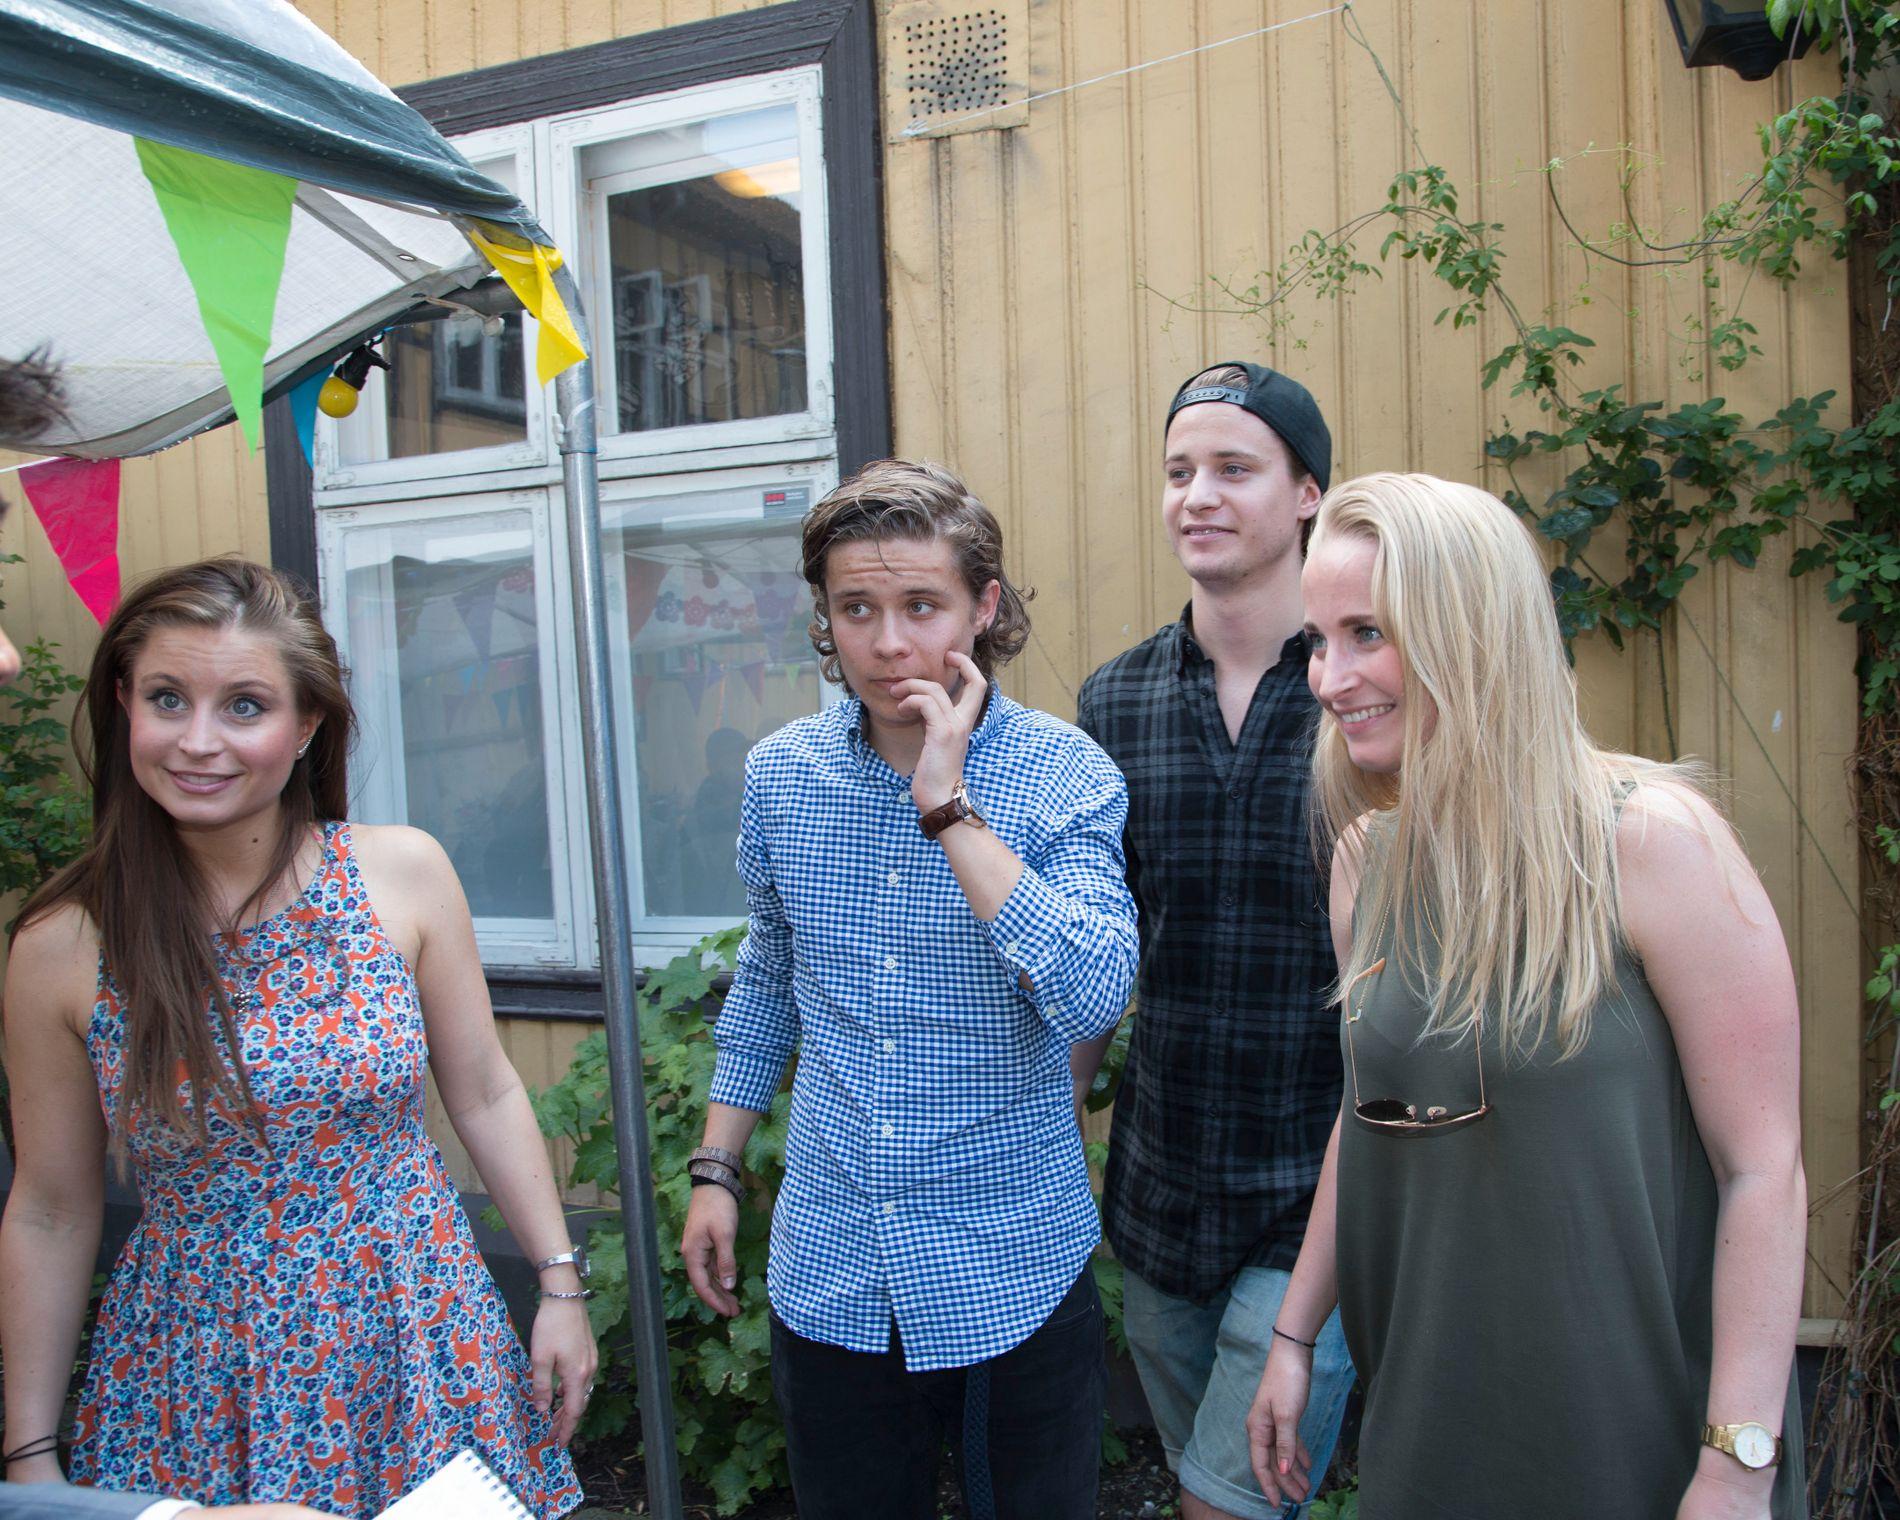 FAMILIEN VAR MED: Kygo og søsknene Jenny (t.v.), Sondre og Johanne Gørvell-Dahll. Foto: GEIR OLSEN